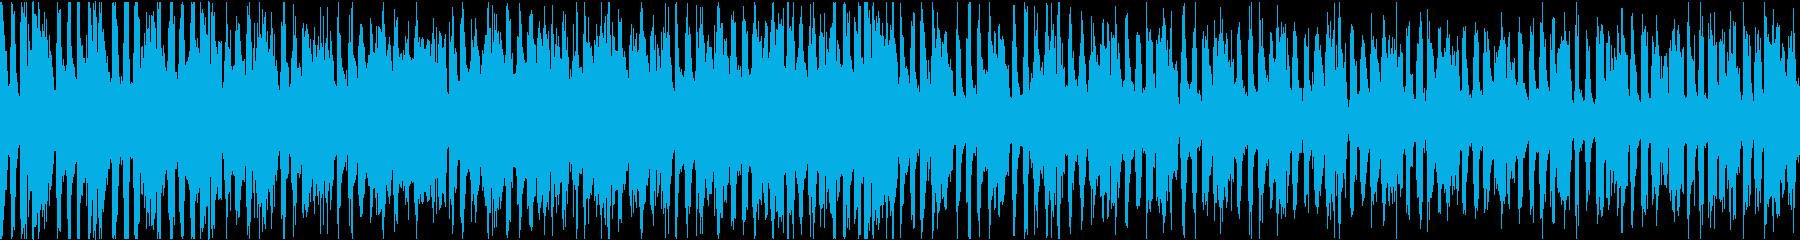 宇宙のシューティングゲーム 60秒ループの再生済みの波形